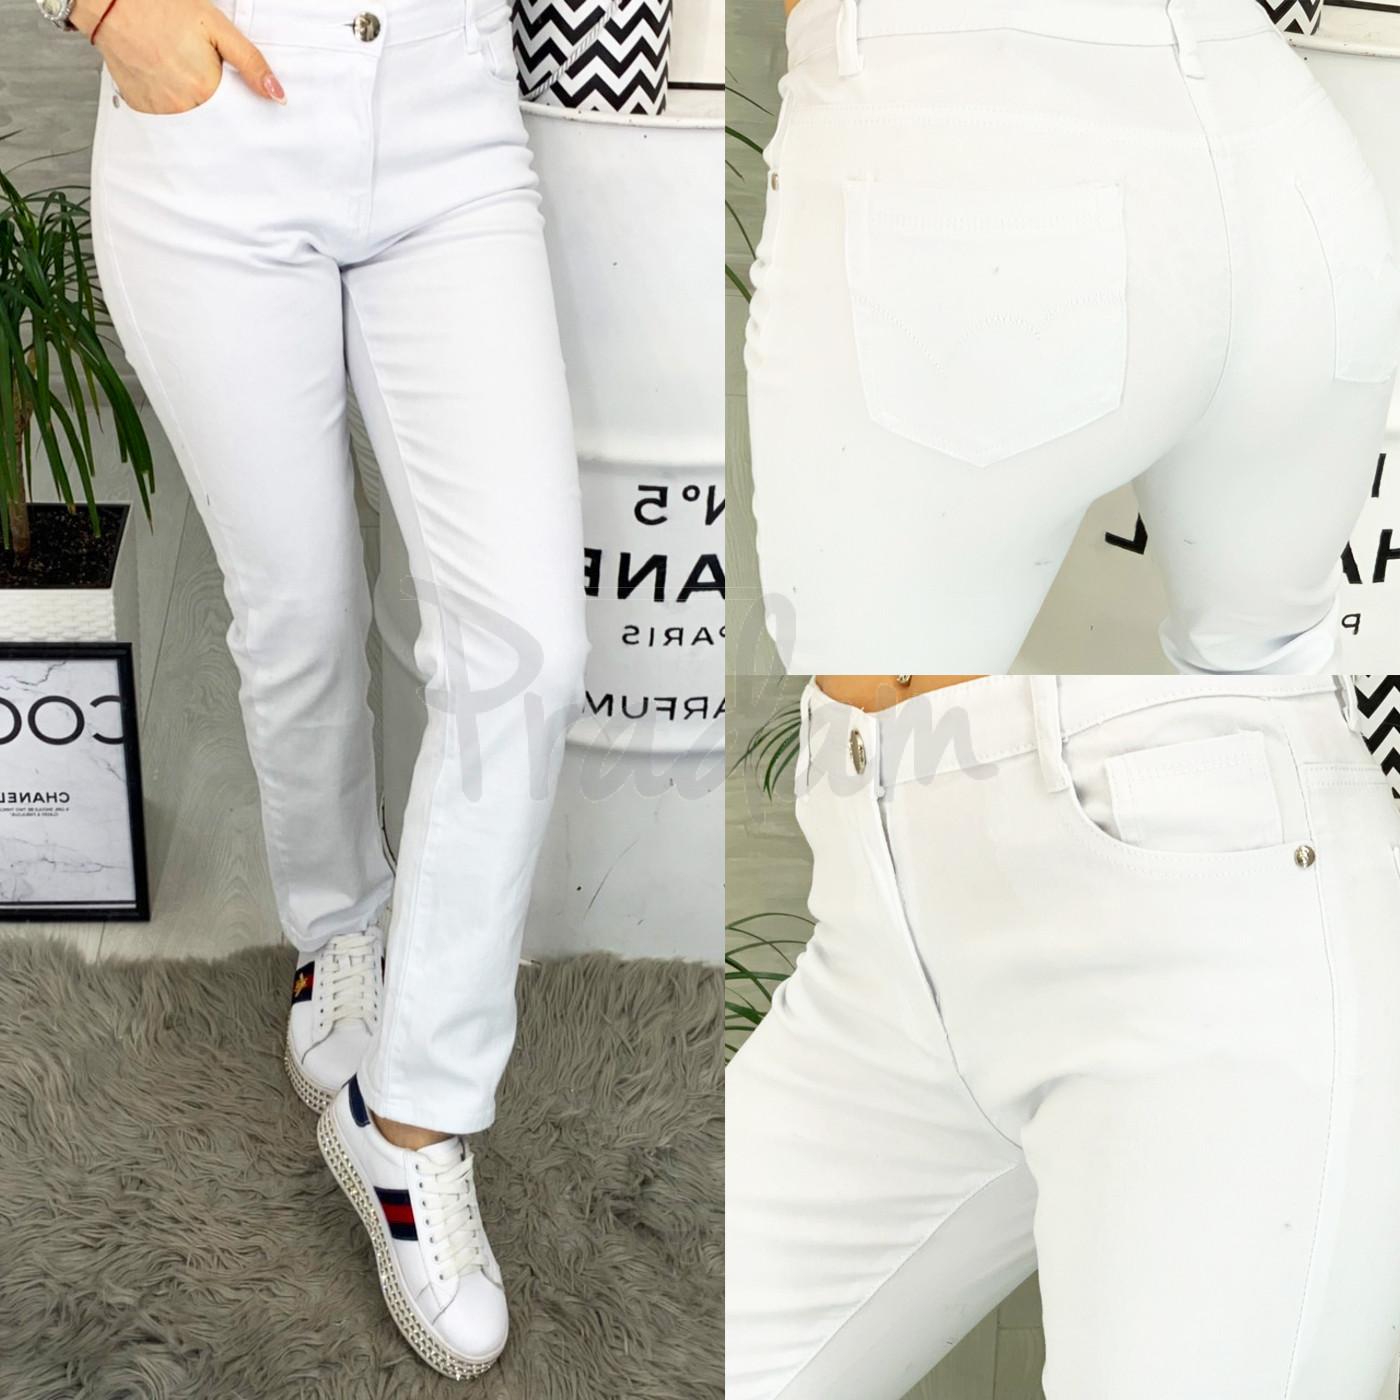 9761 Sunbird джинсы женские батальные белые стрейчевые (30-38, 6/12 ед.)